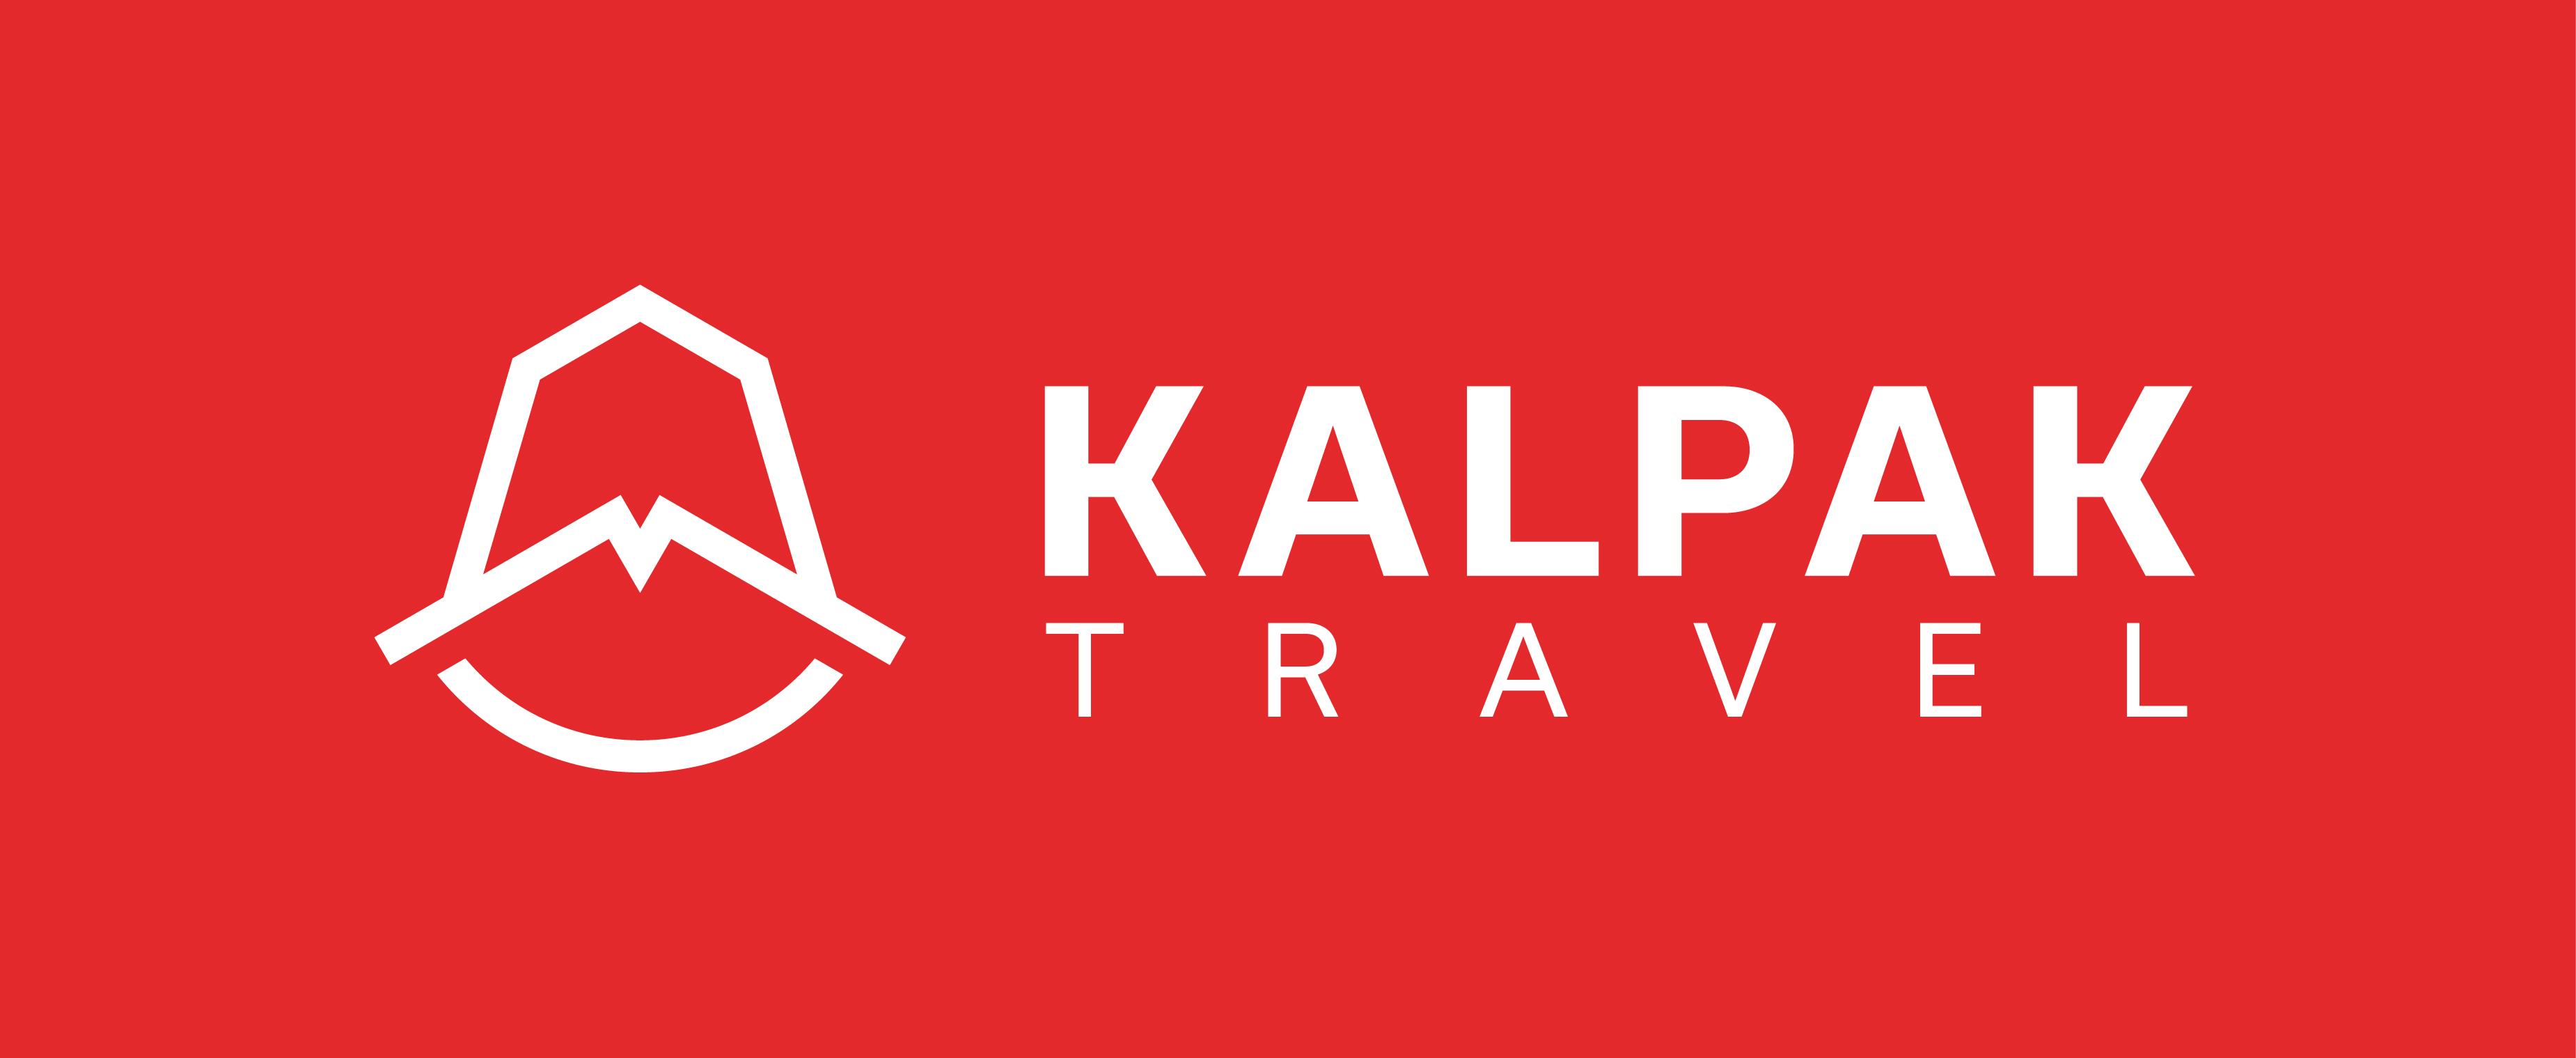 Kalpak Travel Logo